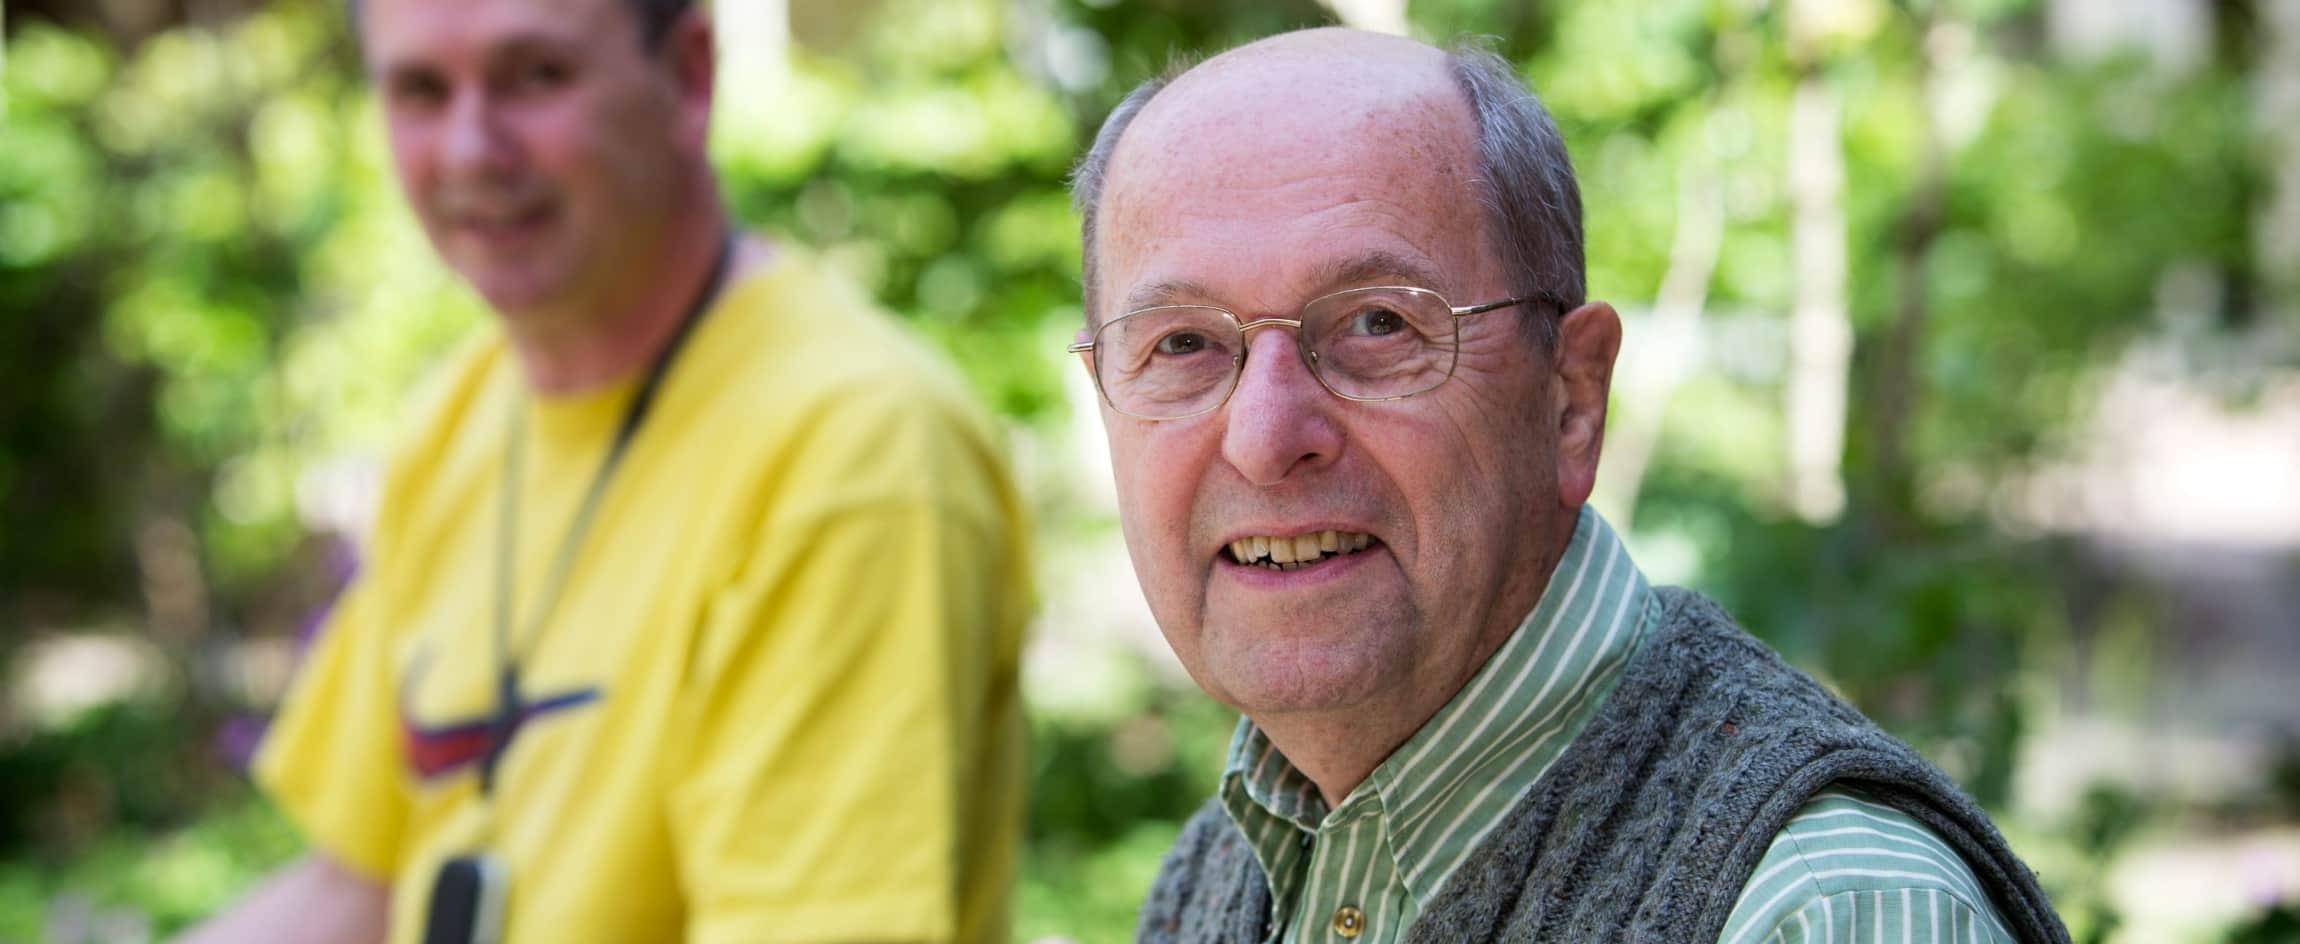 Oudere man met spencer en bril in tuin